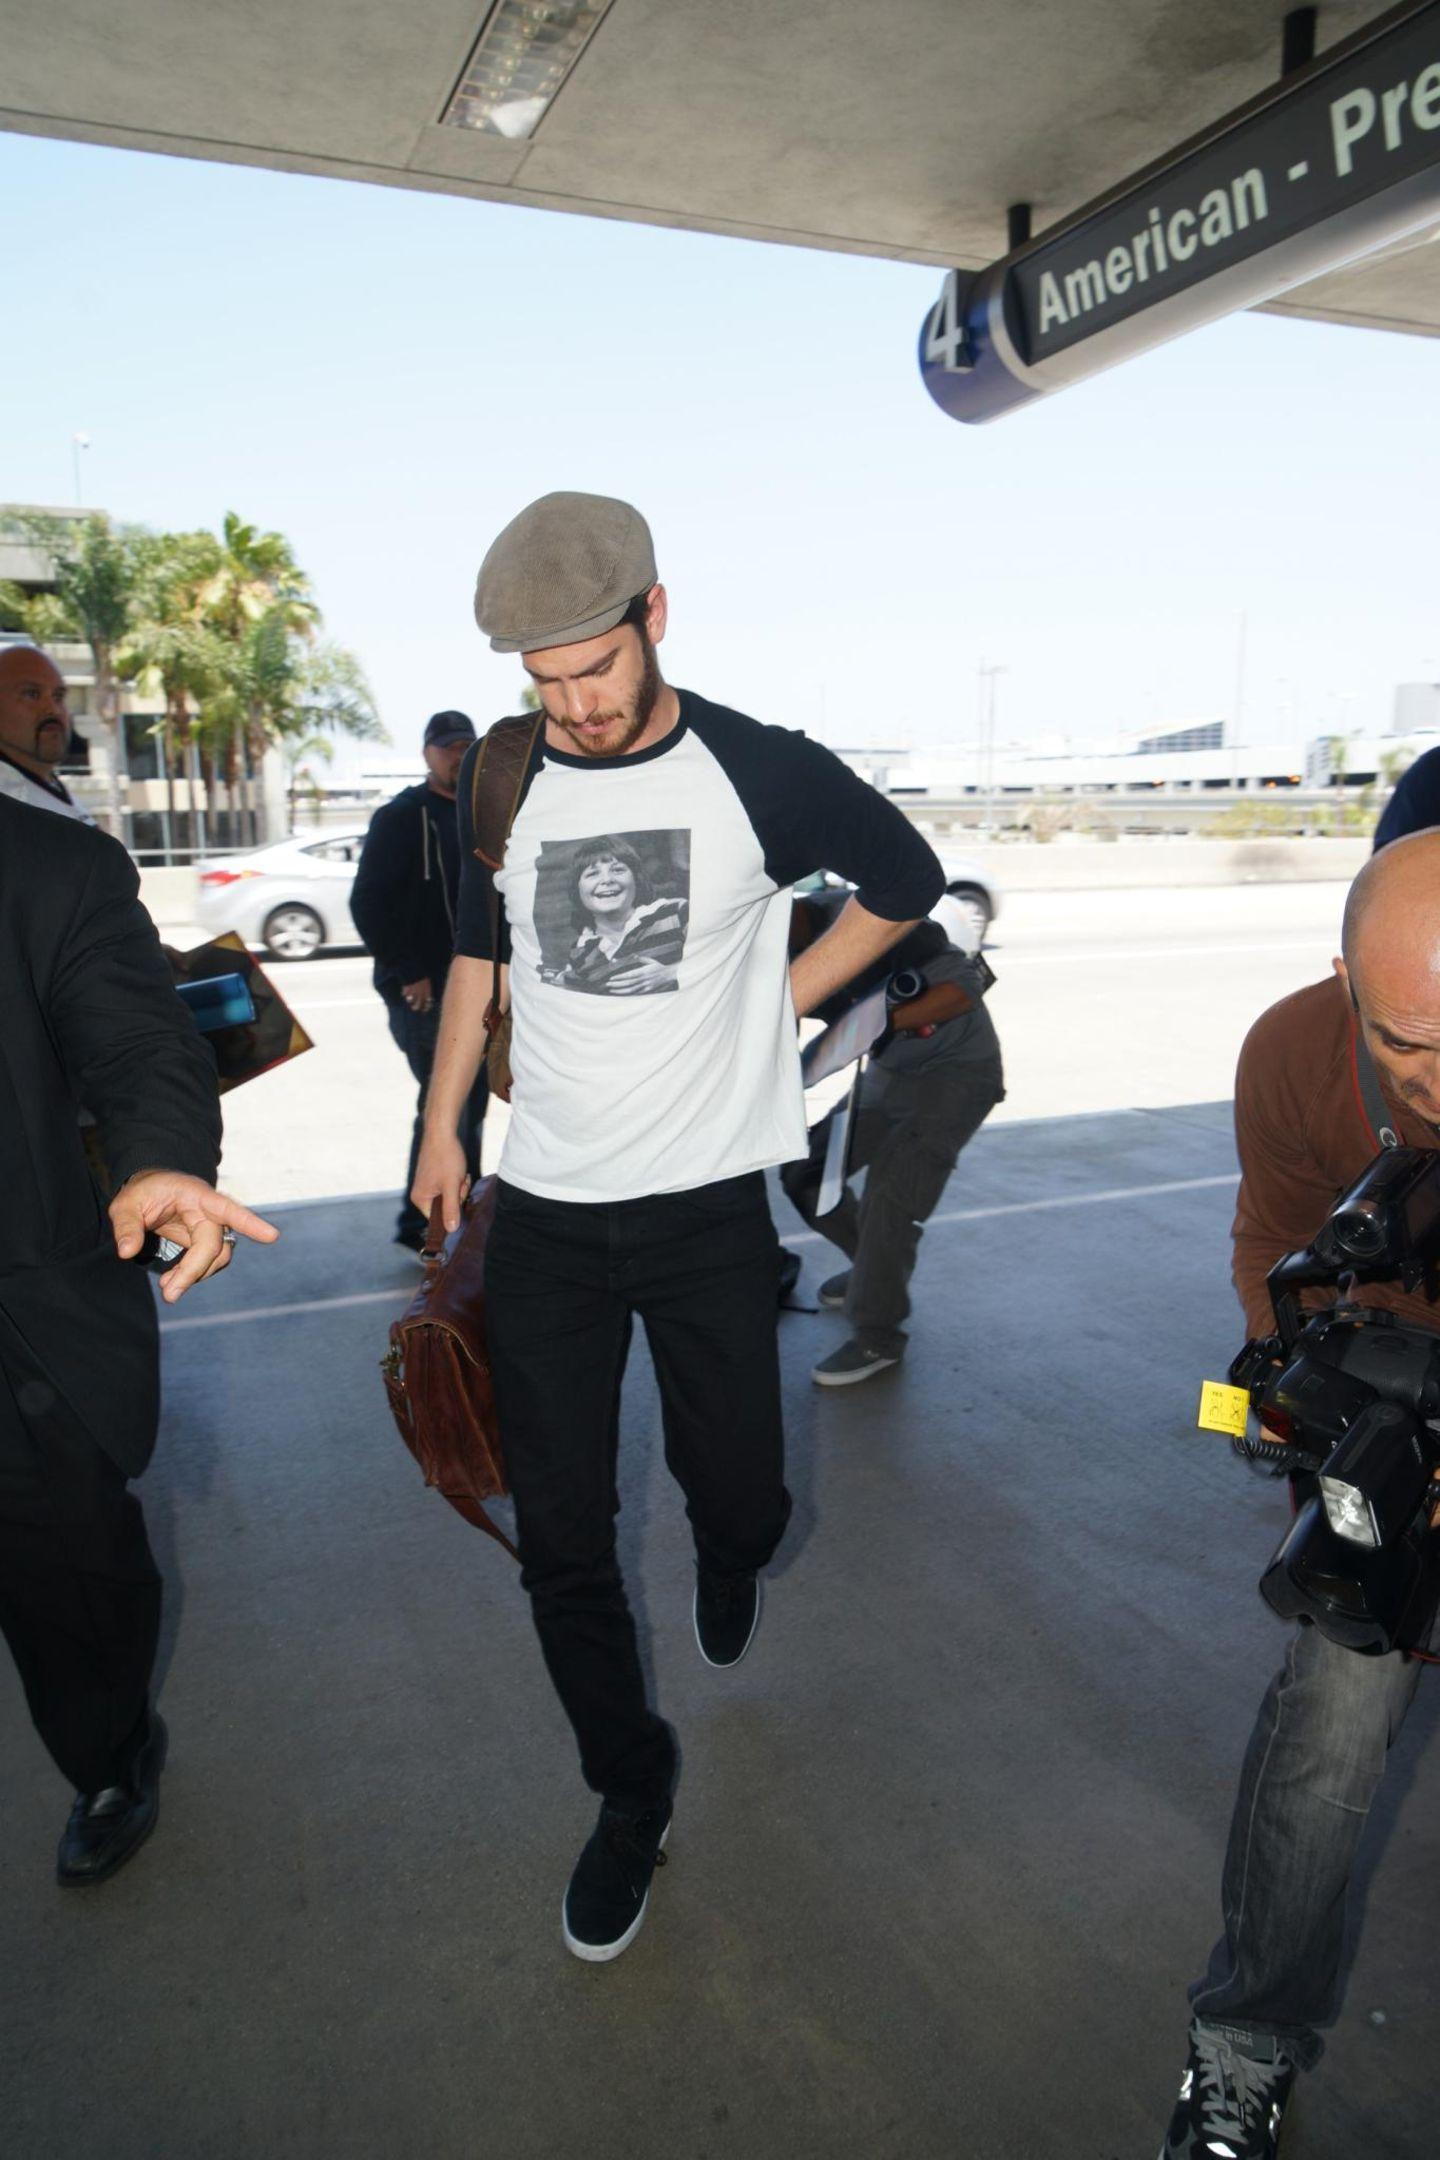 Andrew Garfield kommt bei strahlendem Sonnenschein und mit einem Kinderbild von Michael J. Fox auf dem T-Shirt am Flughafen von Los Angeles an.